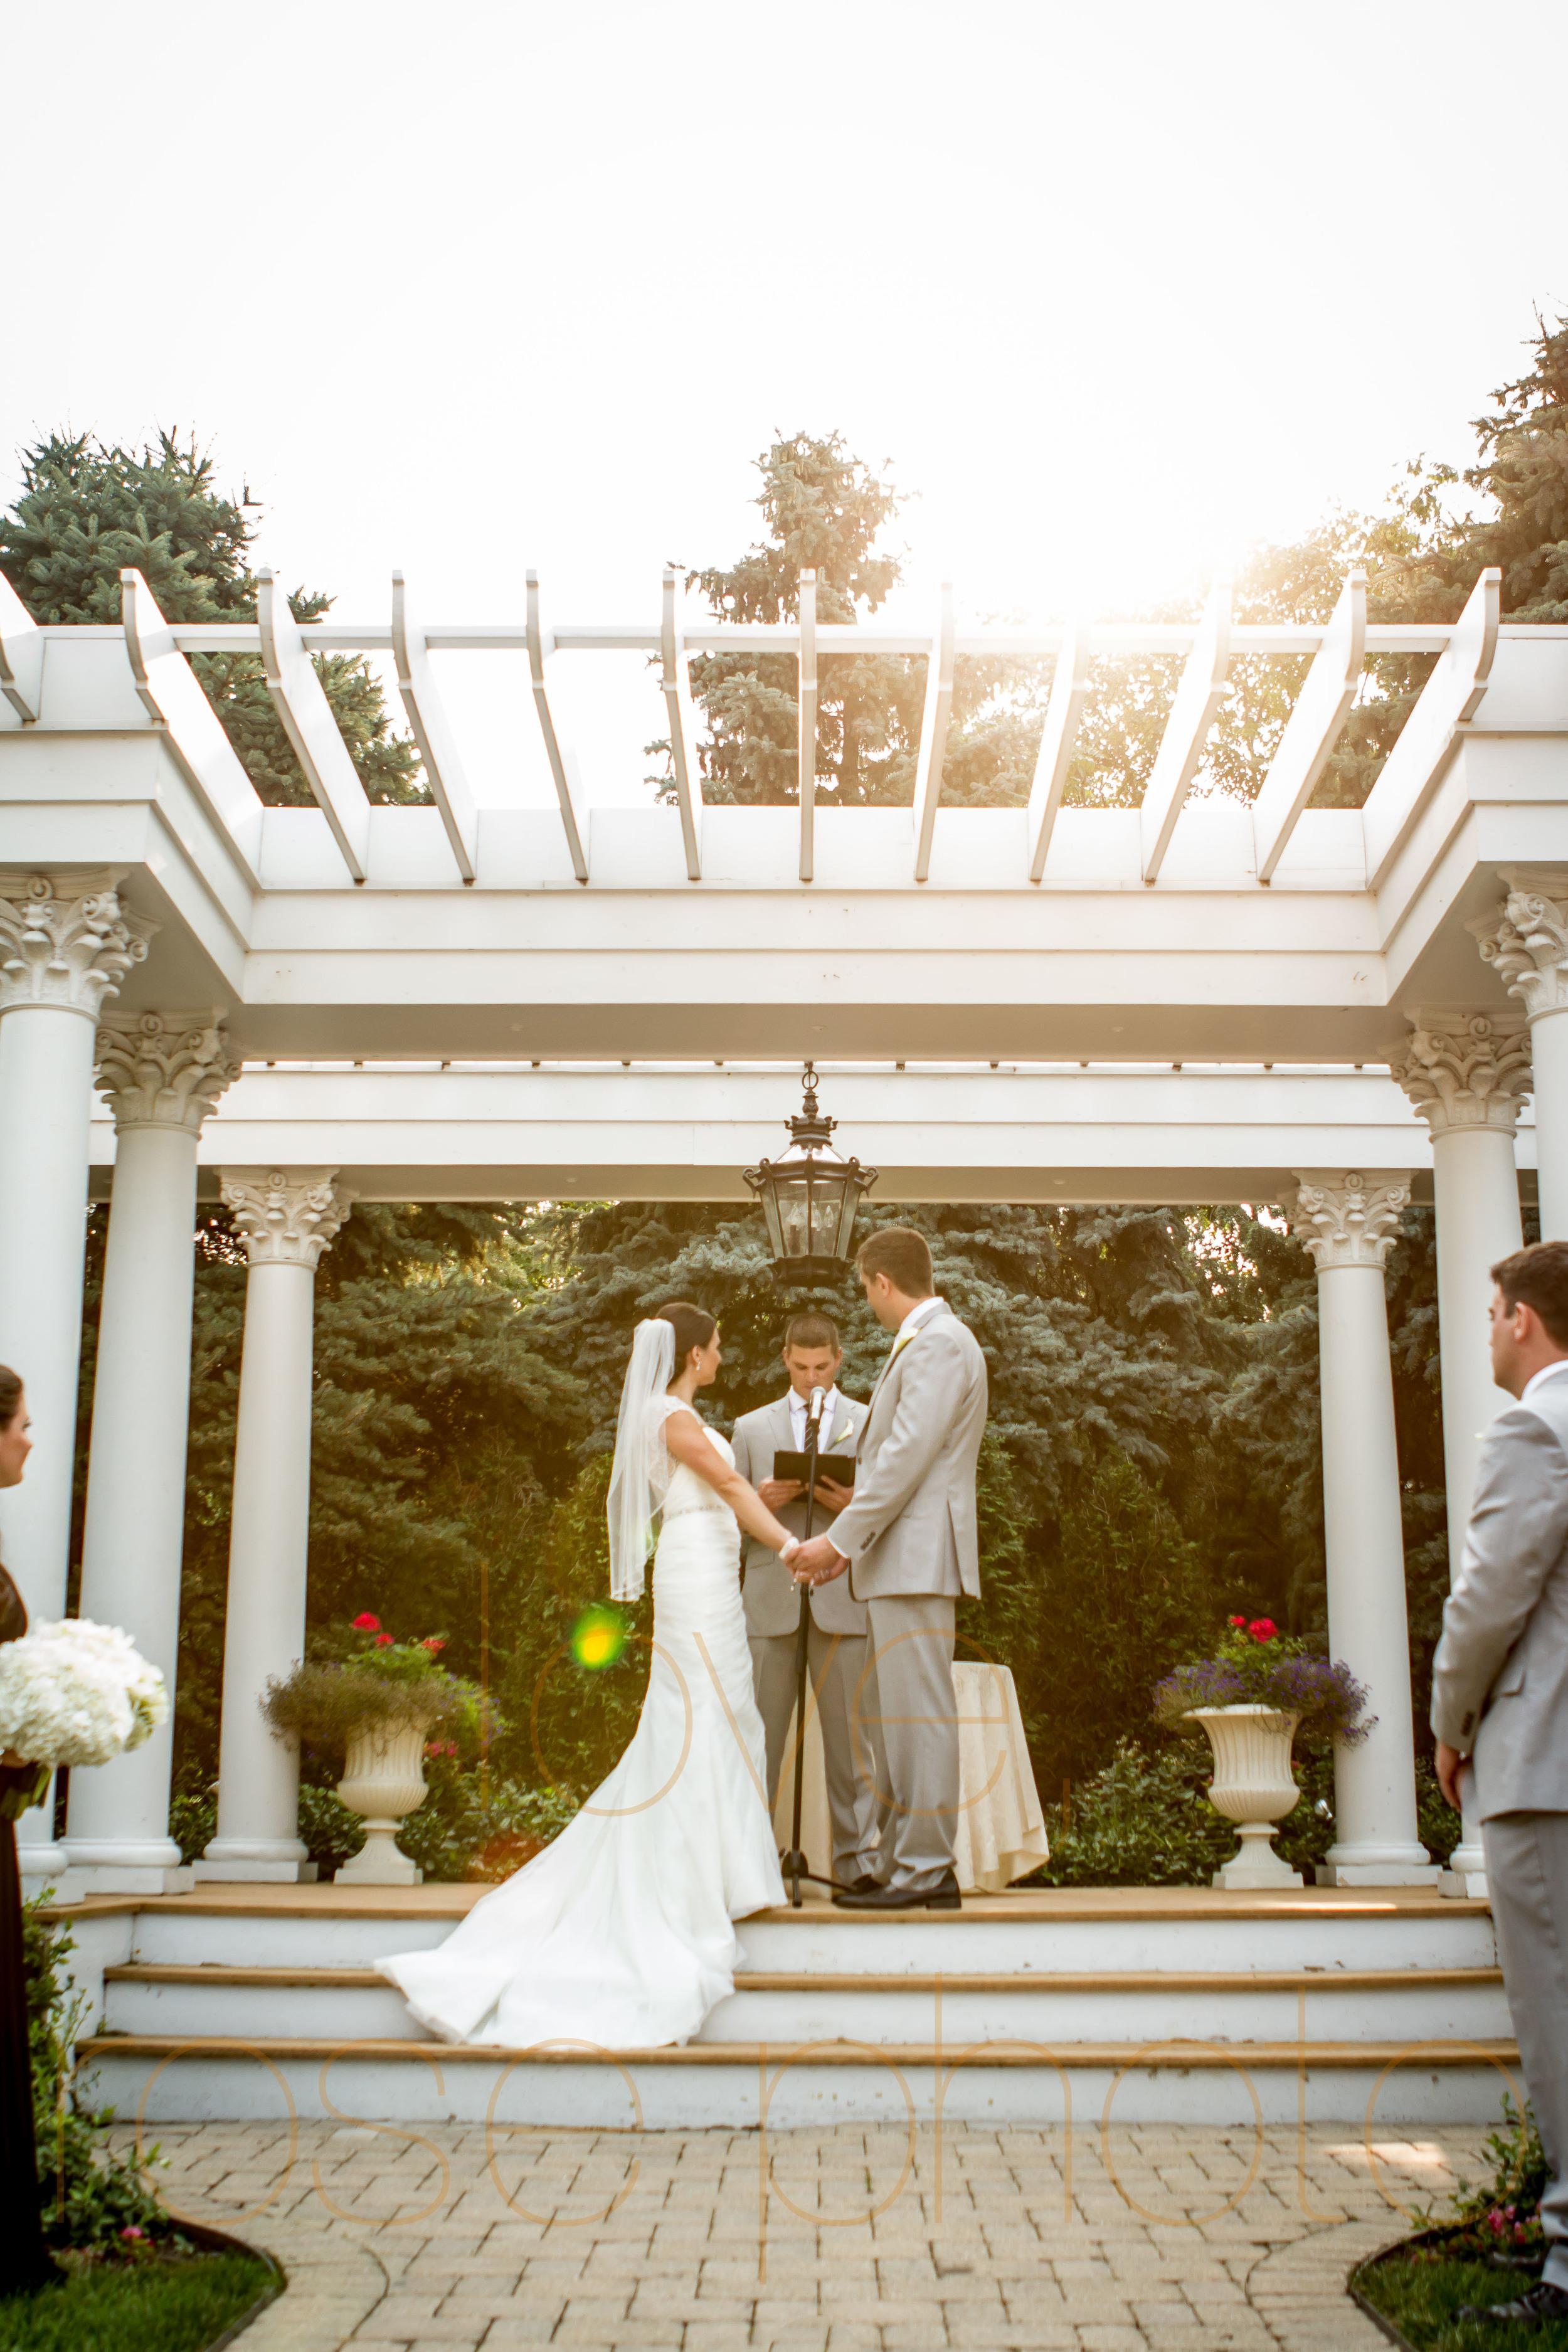 ellen + bryan chicago wedding joliet james healy mansion portrait lifestyle photojournalist photographer -012.jpg